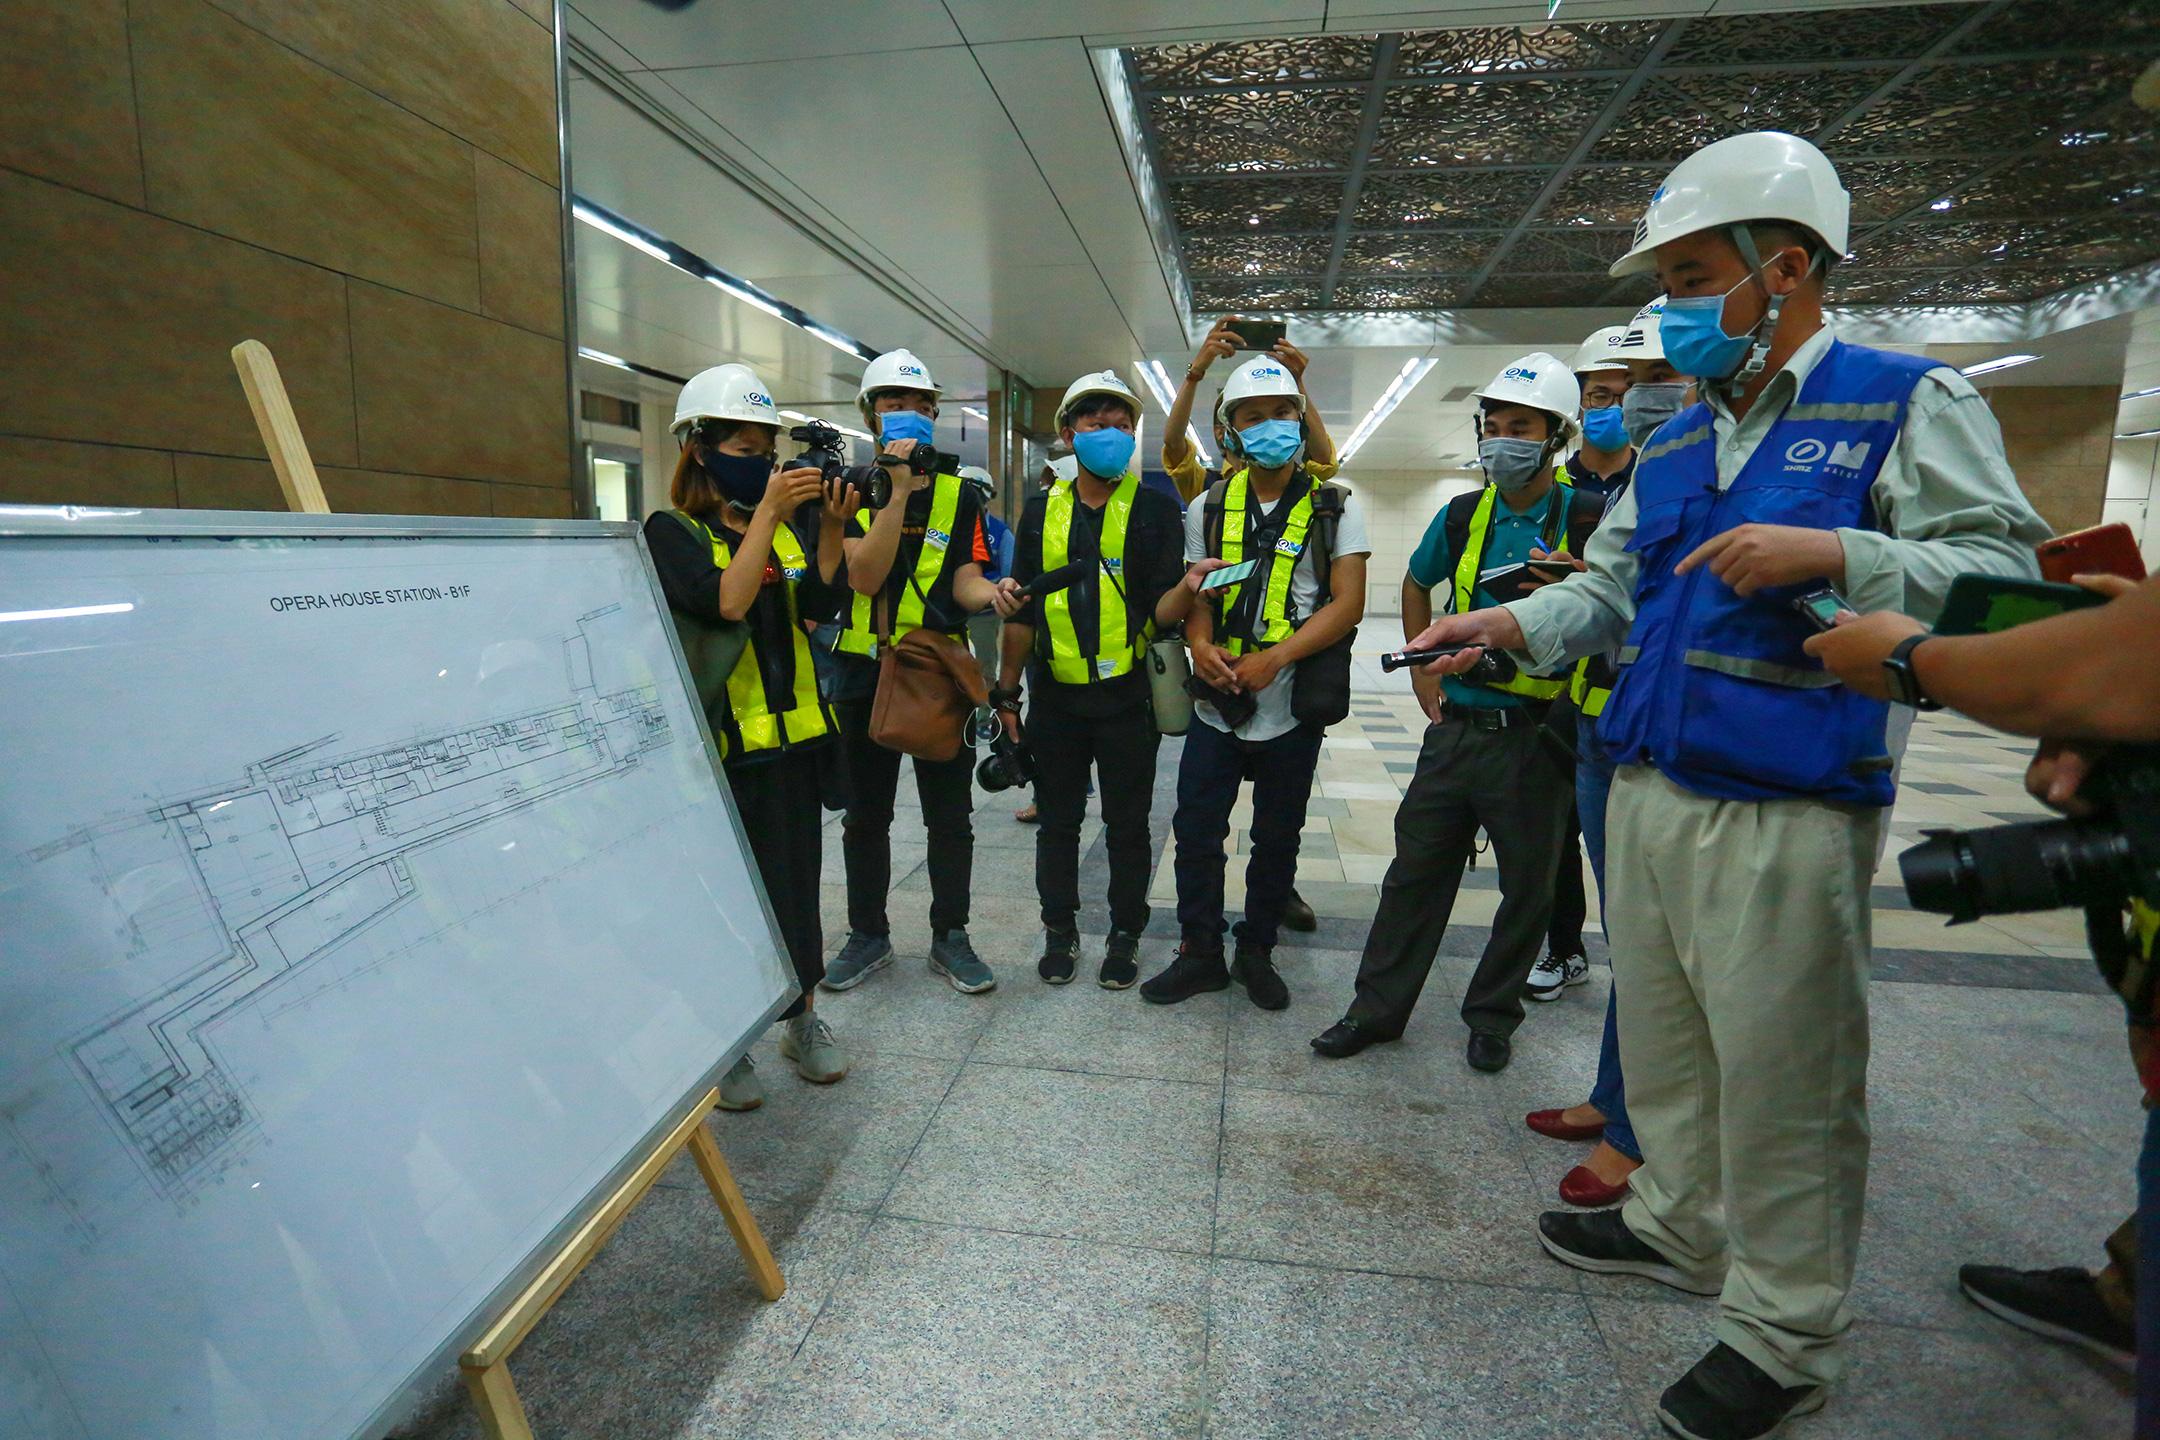 Ga ngầm 4 tầng đầu tiên của Metro TP.HCM sắp hoàn thiện, nằm sát bên Nhà hát thành phố - Ảnh 3.